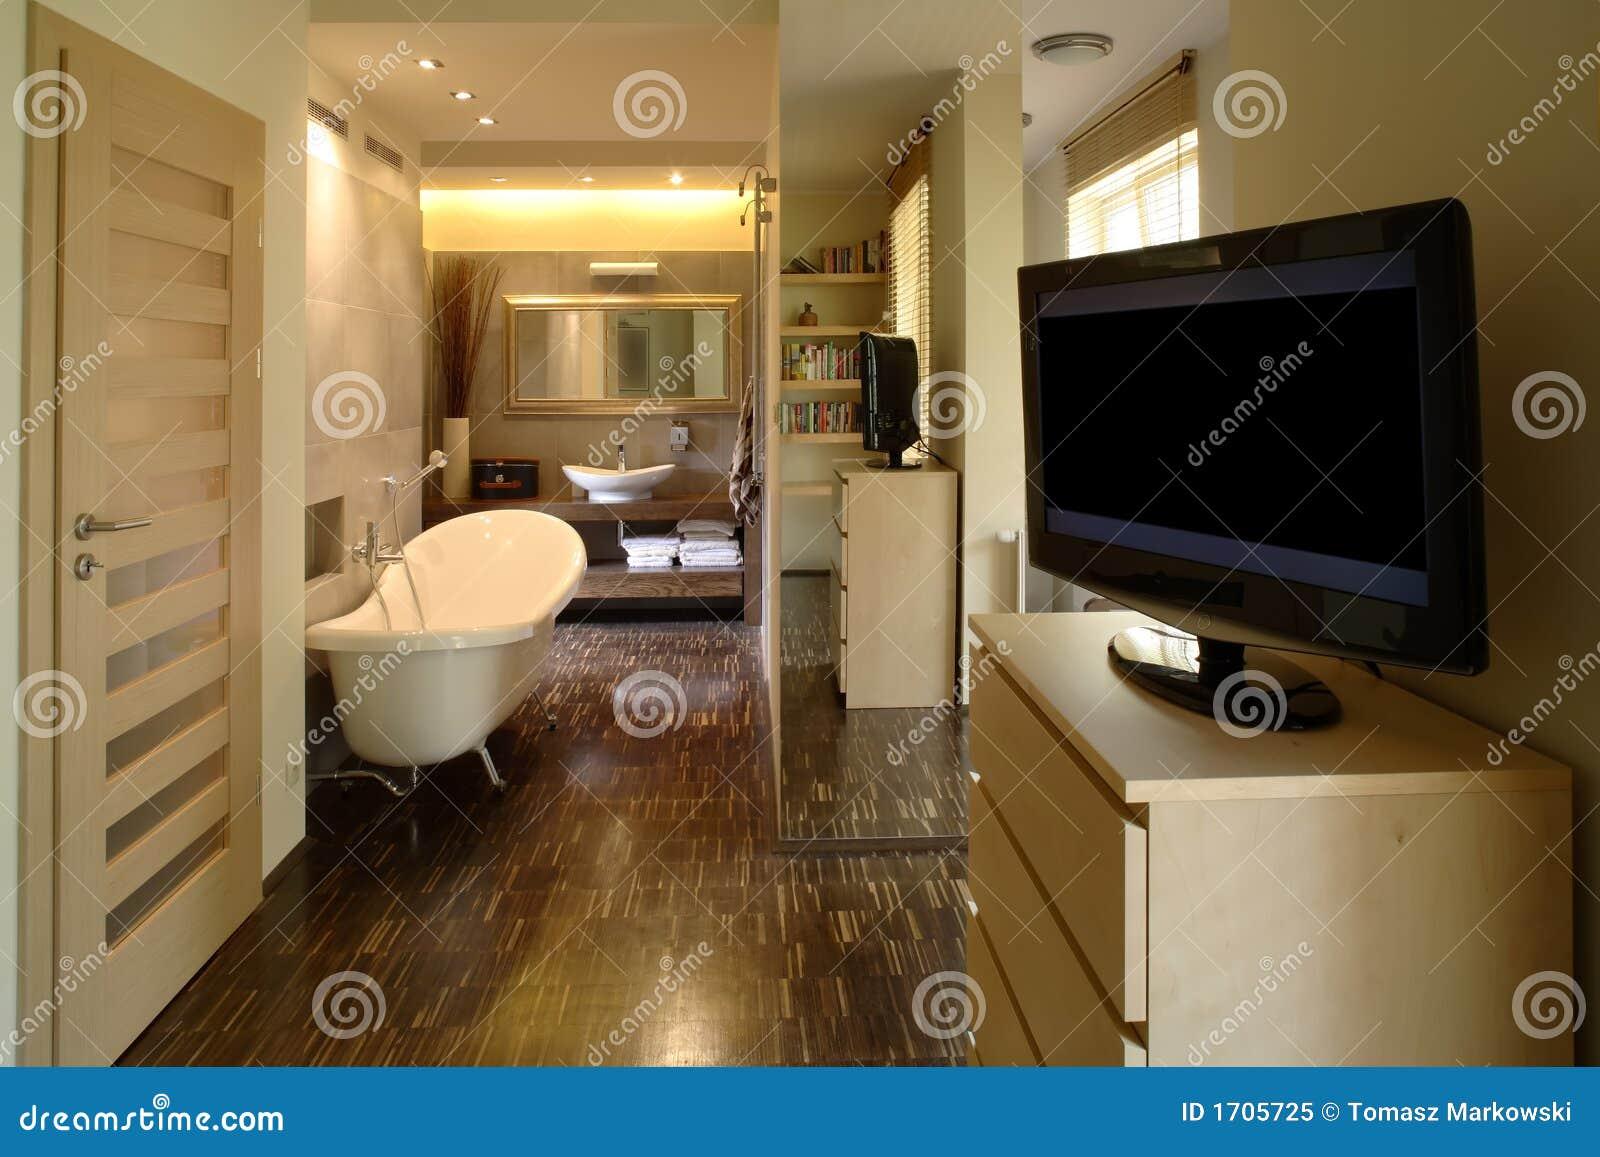 Camera da letto e stanza da bagno dell 39 appartamento di for Nuova camera da letto dell inghilterra